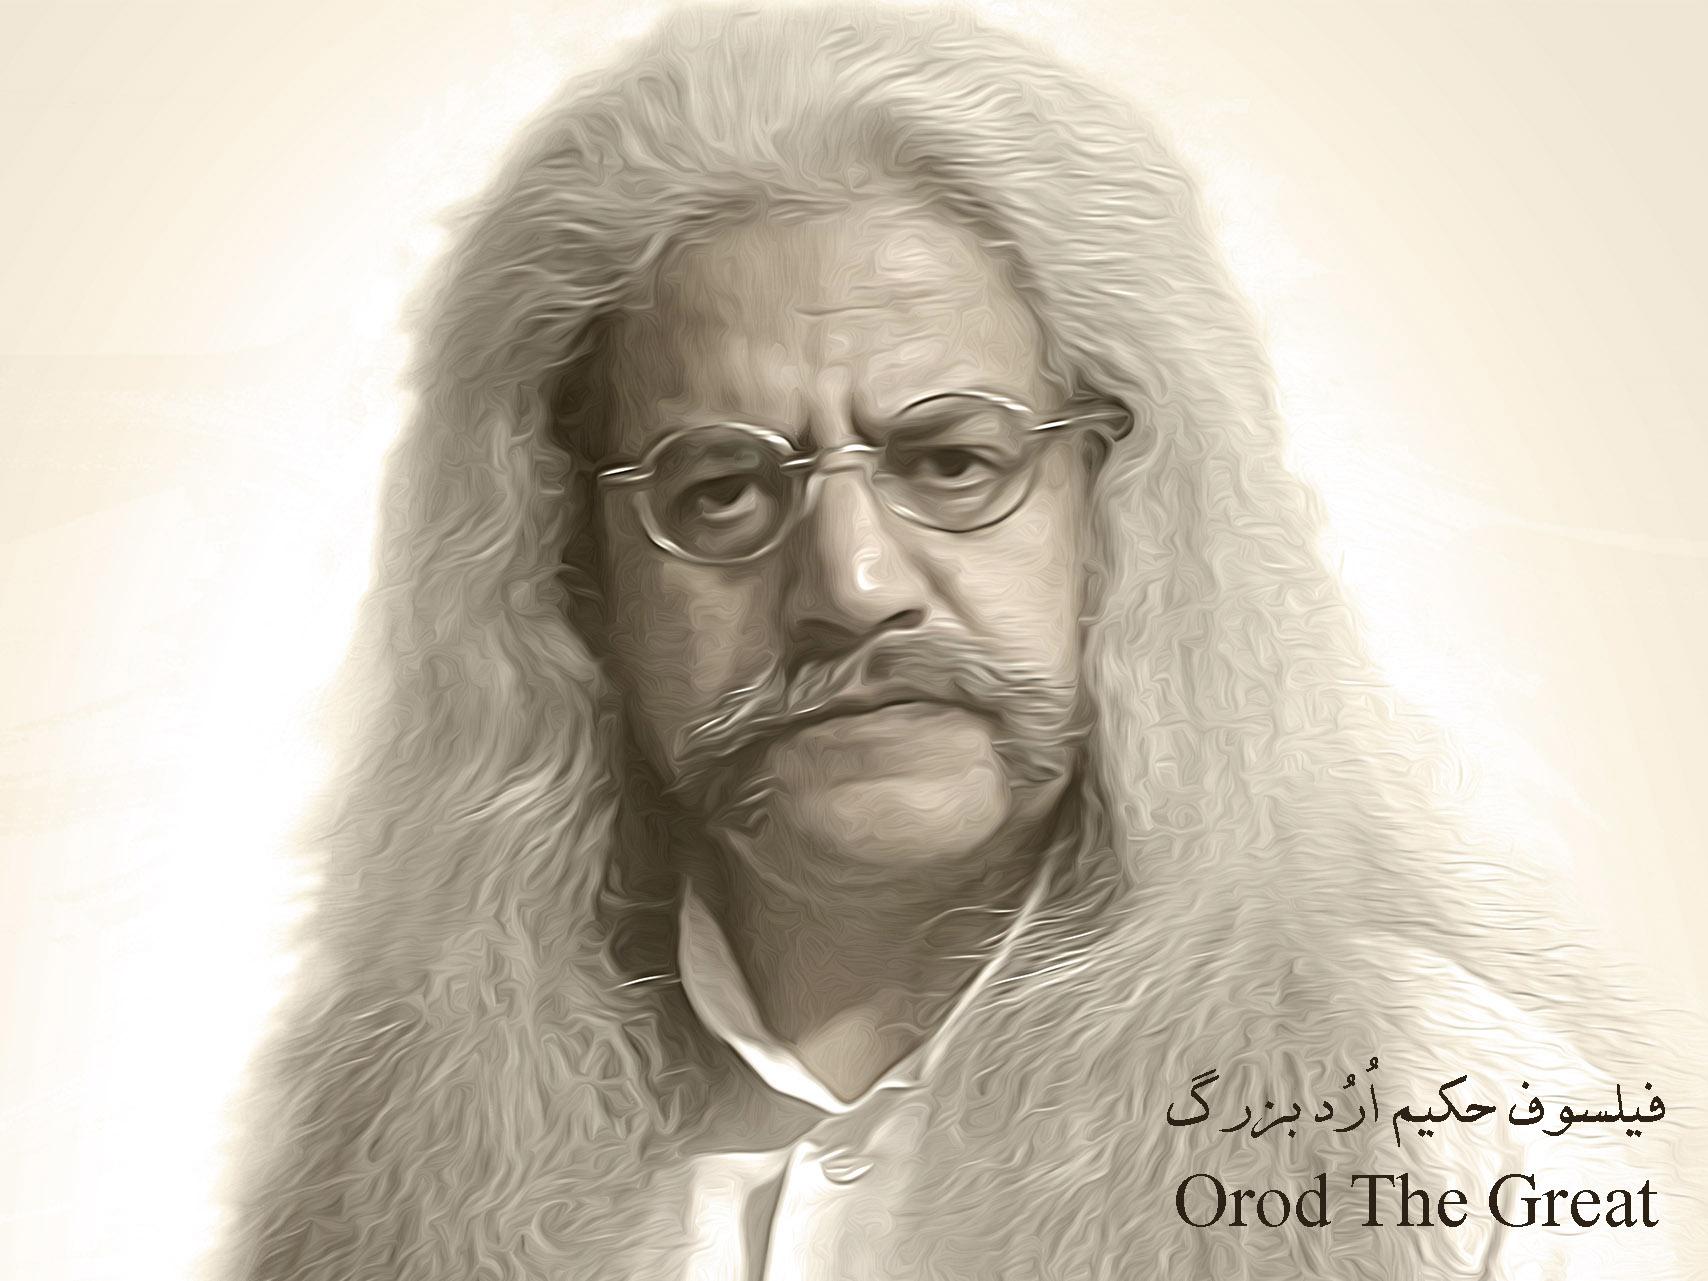 عکس شیروان ، عکس بزرگ فیلسوف شیروان ، عکس اسطوره شیروان ، بزرگترین فیلسوف جهان در شهر شیروان ، حکیم ارد بزرگ OROD THE GREAT